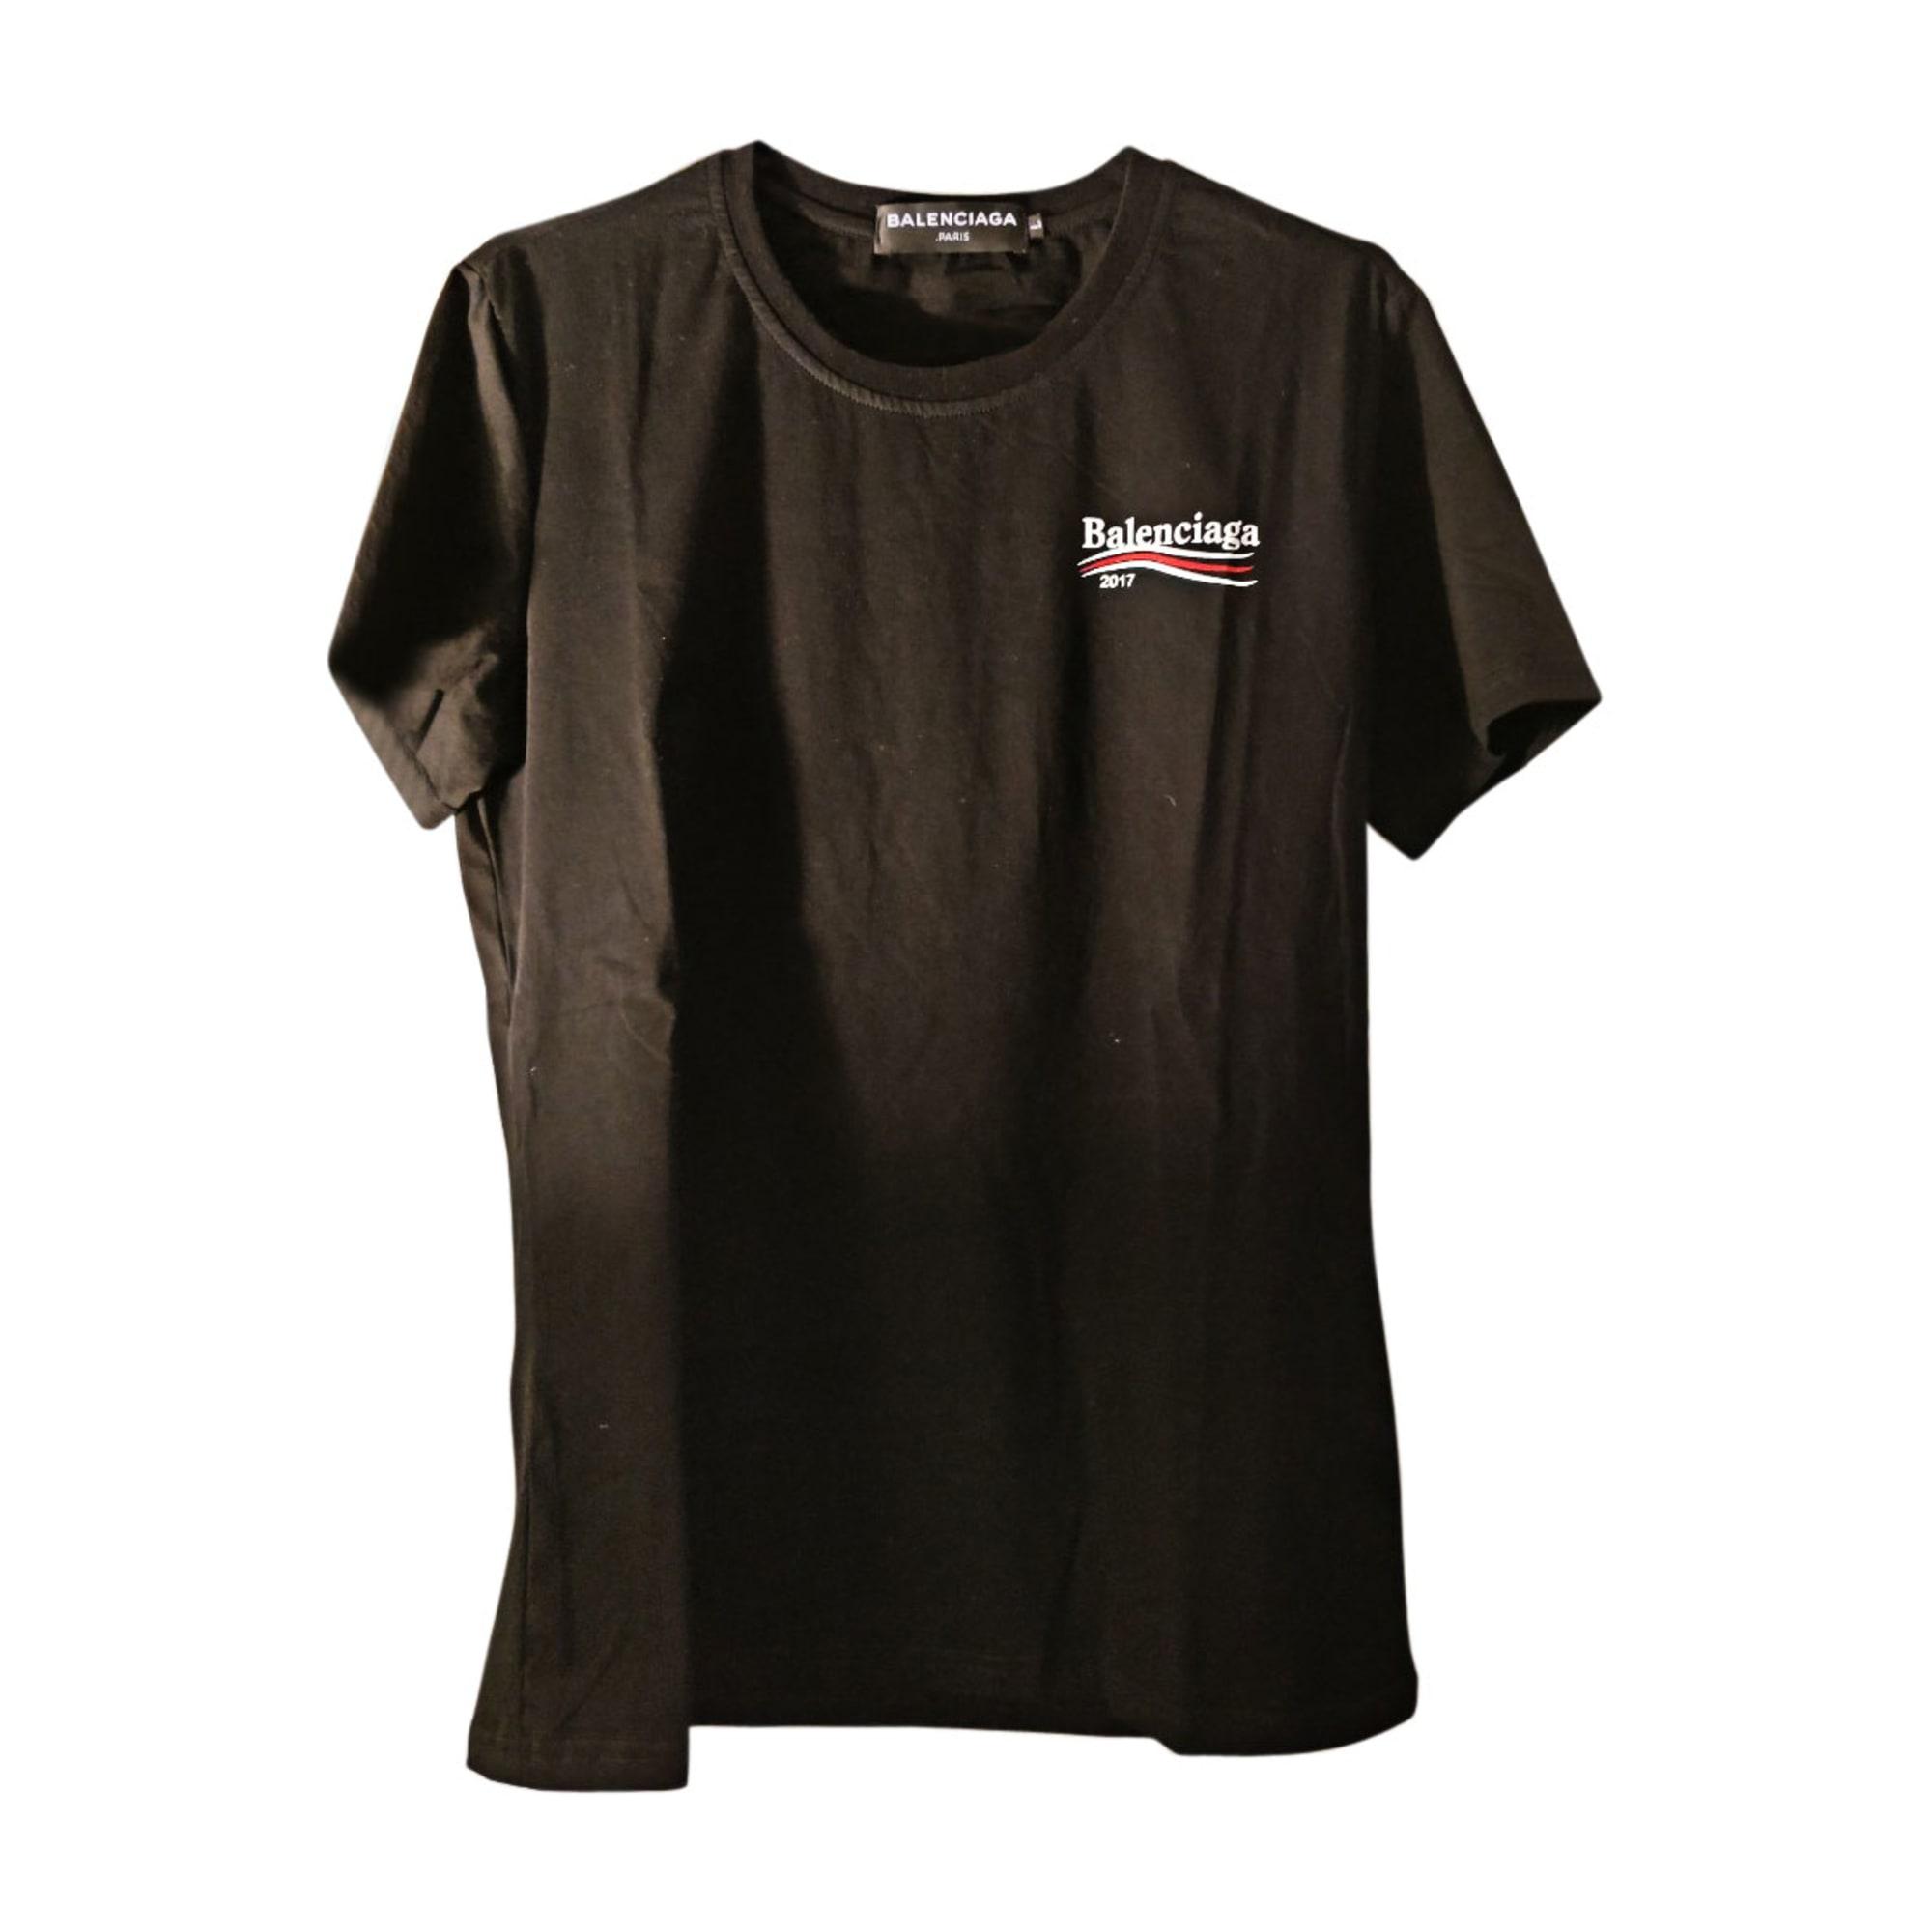 d1bb32ad21e5 Tee-shirt BALENCIAGA 3 (L) noir vendu par Colin 643 - 7296416